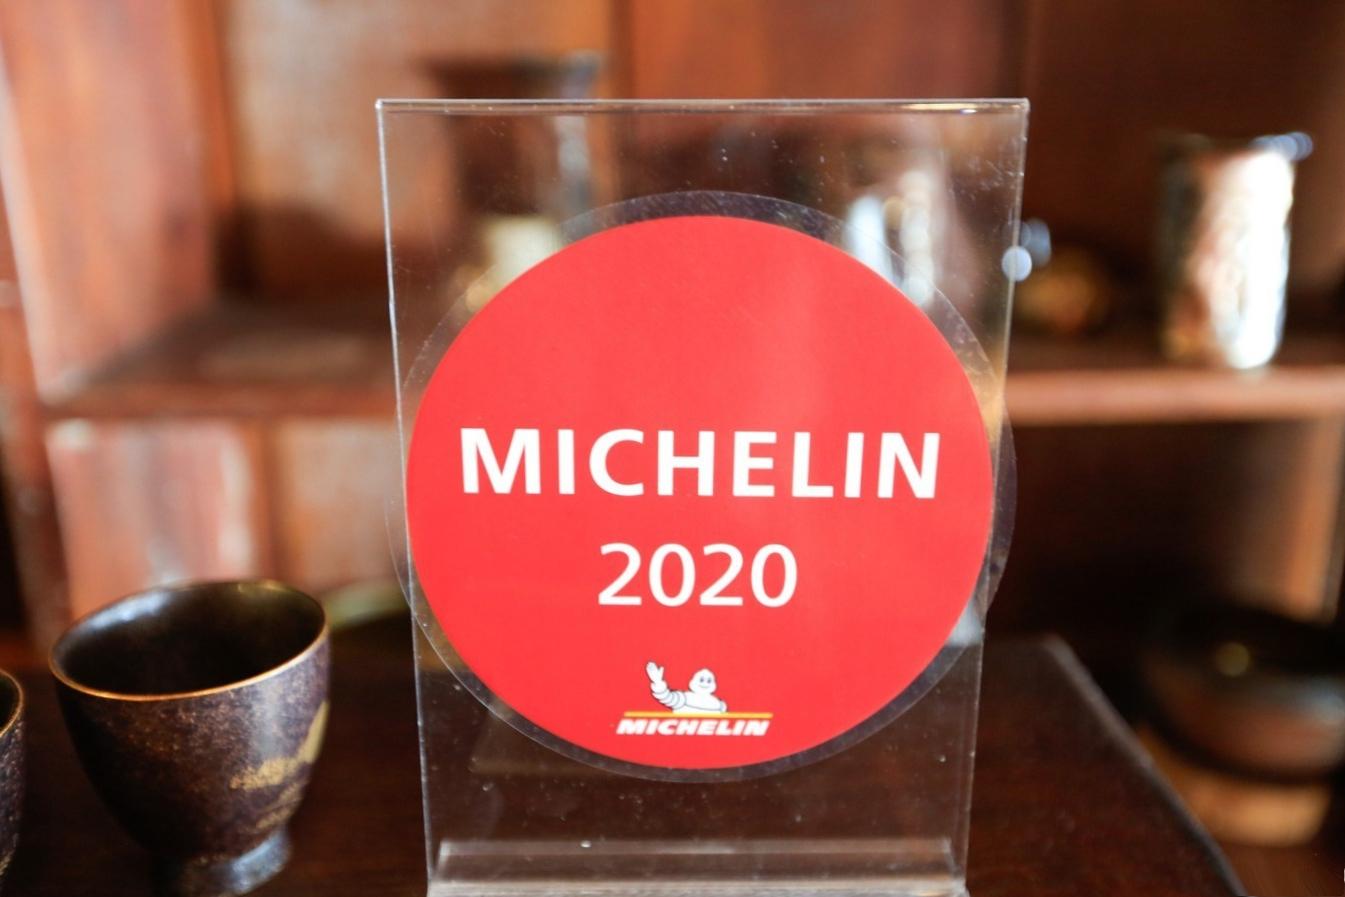 【台中新社】又見一炊煙:2020台中米其林餐盤推薦,品嚐$250元下午茶套餐 @飛天璇的口袋